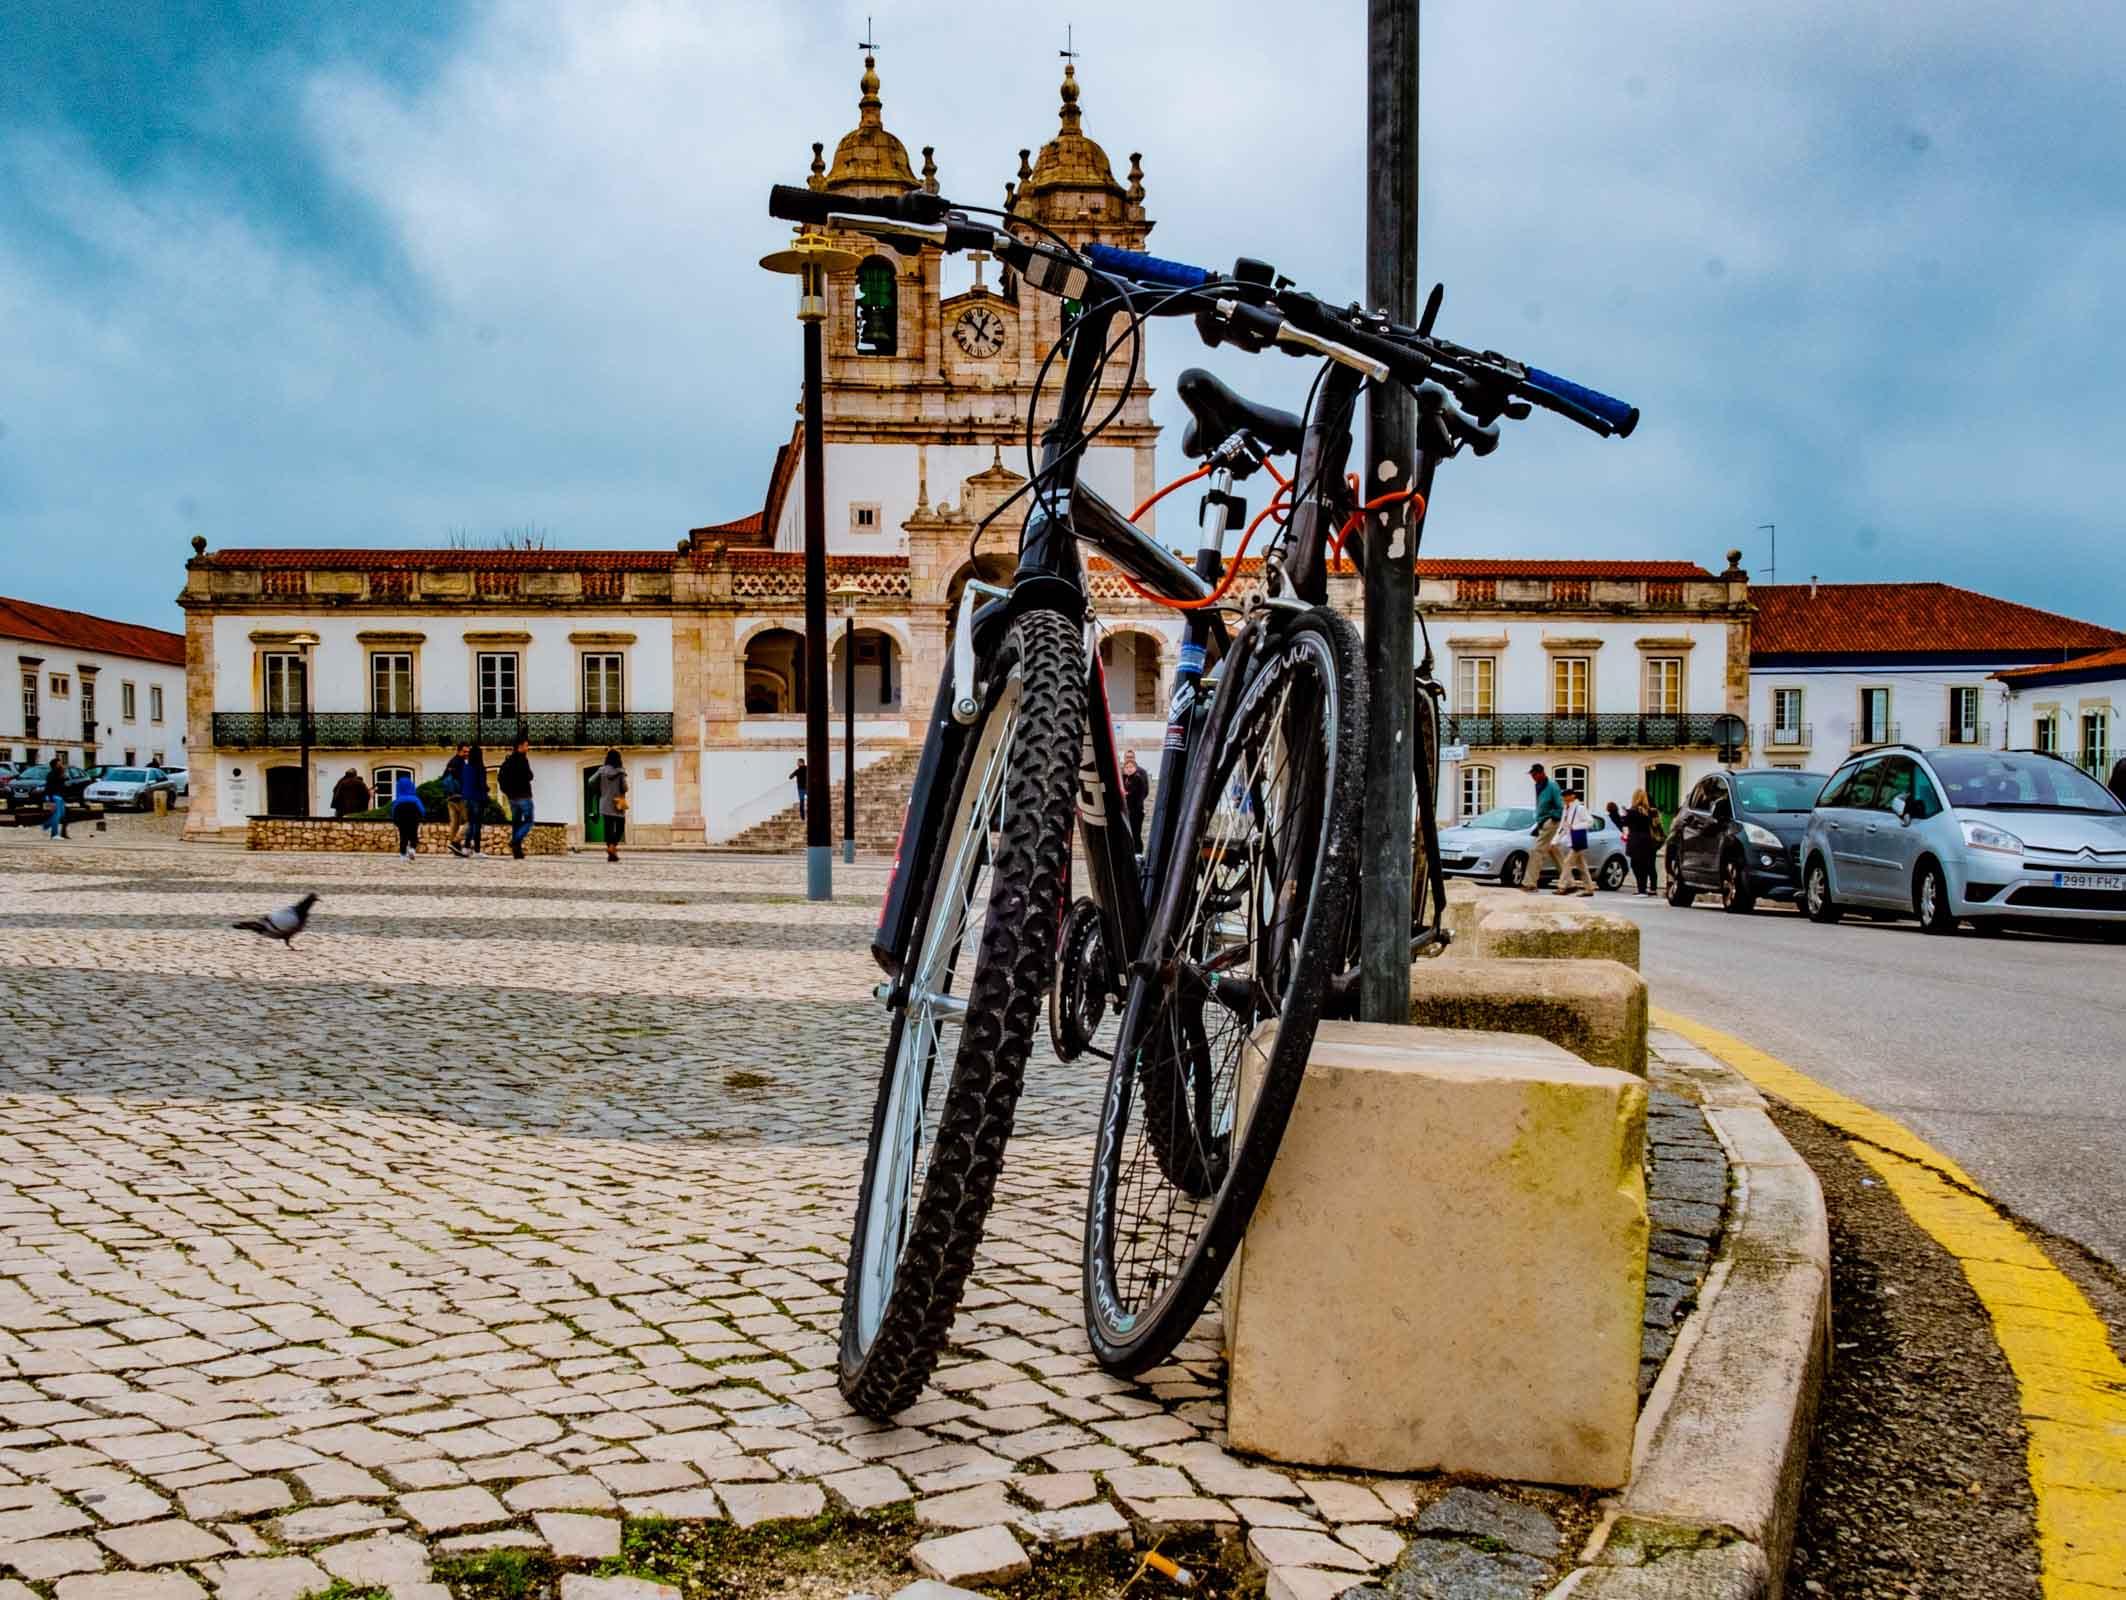 rutas culturales en bicicleta